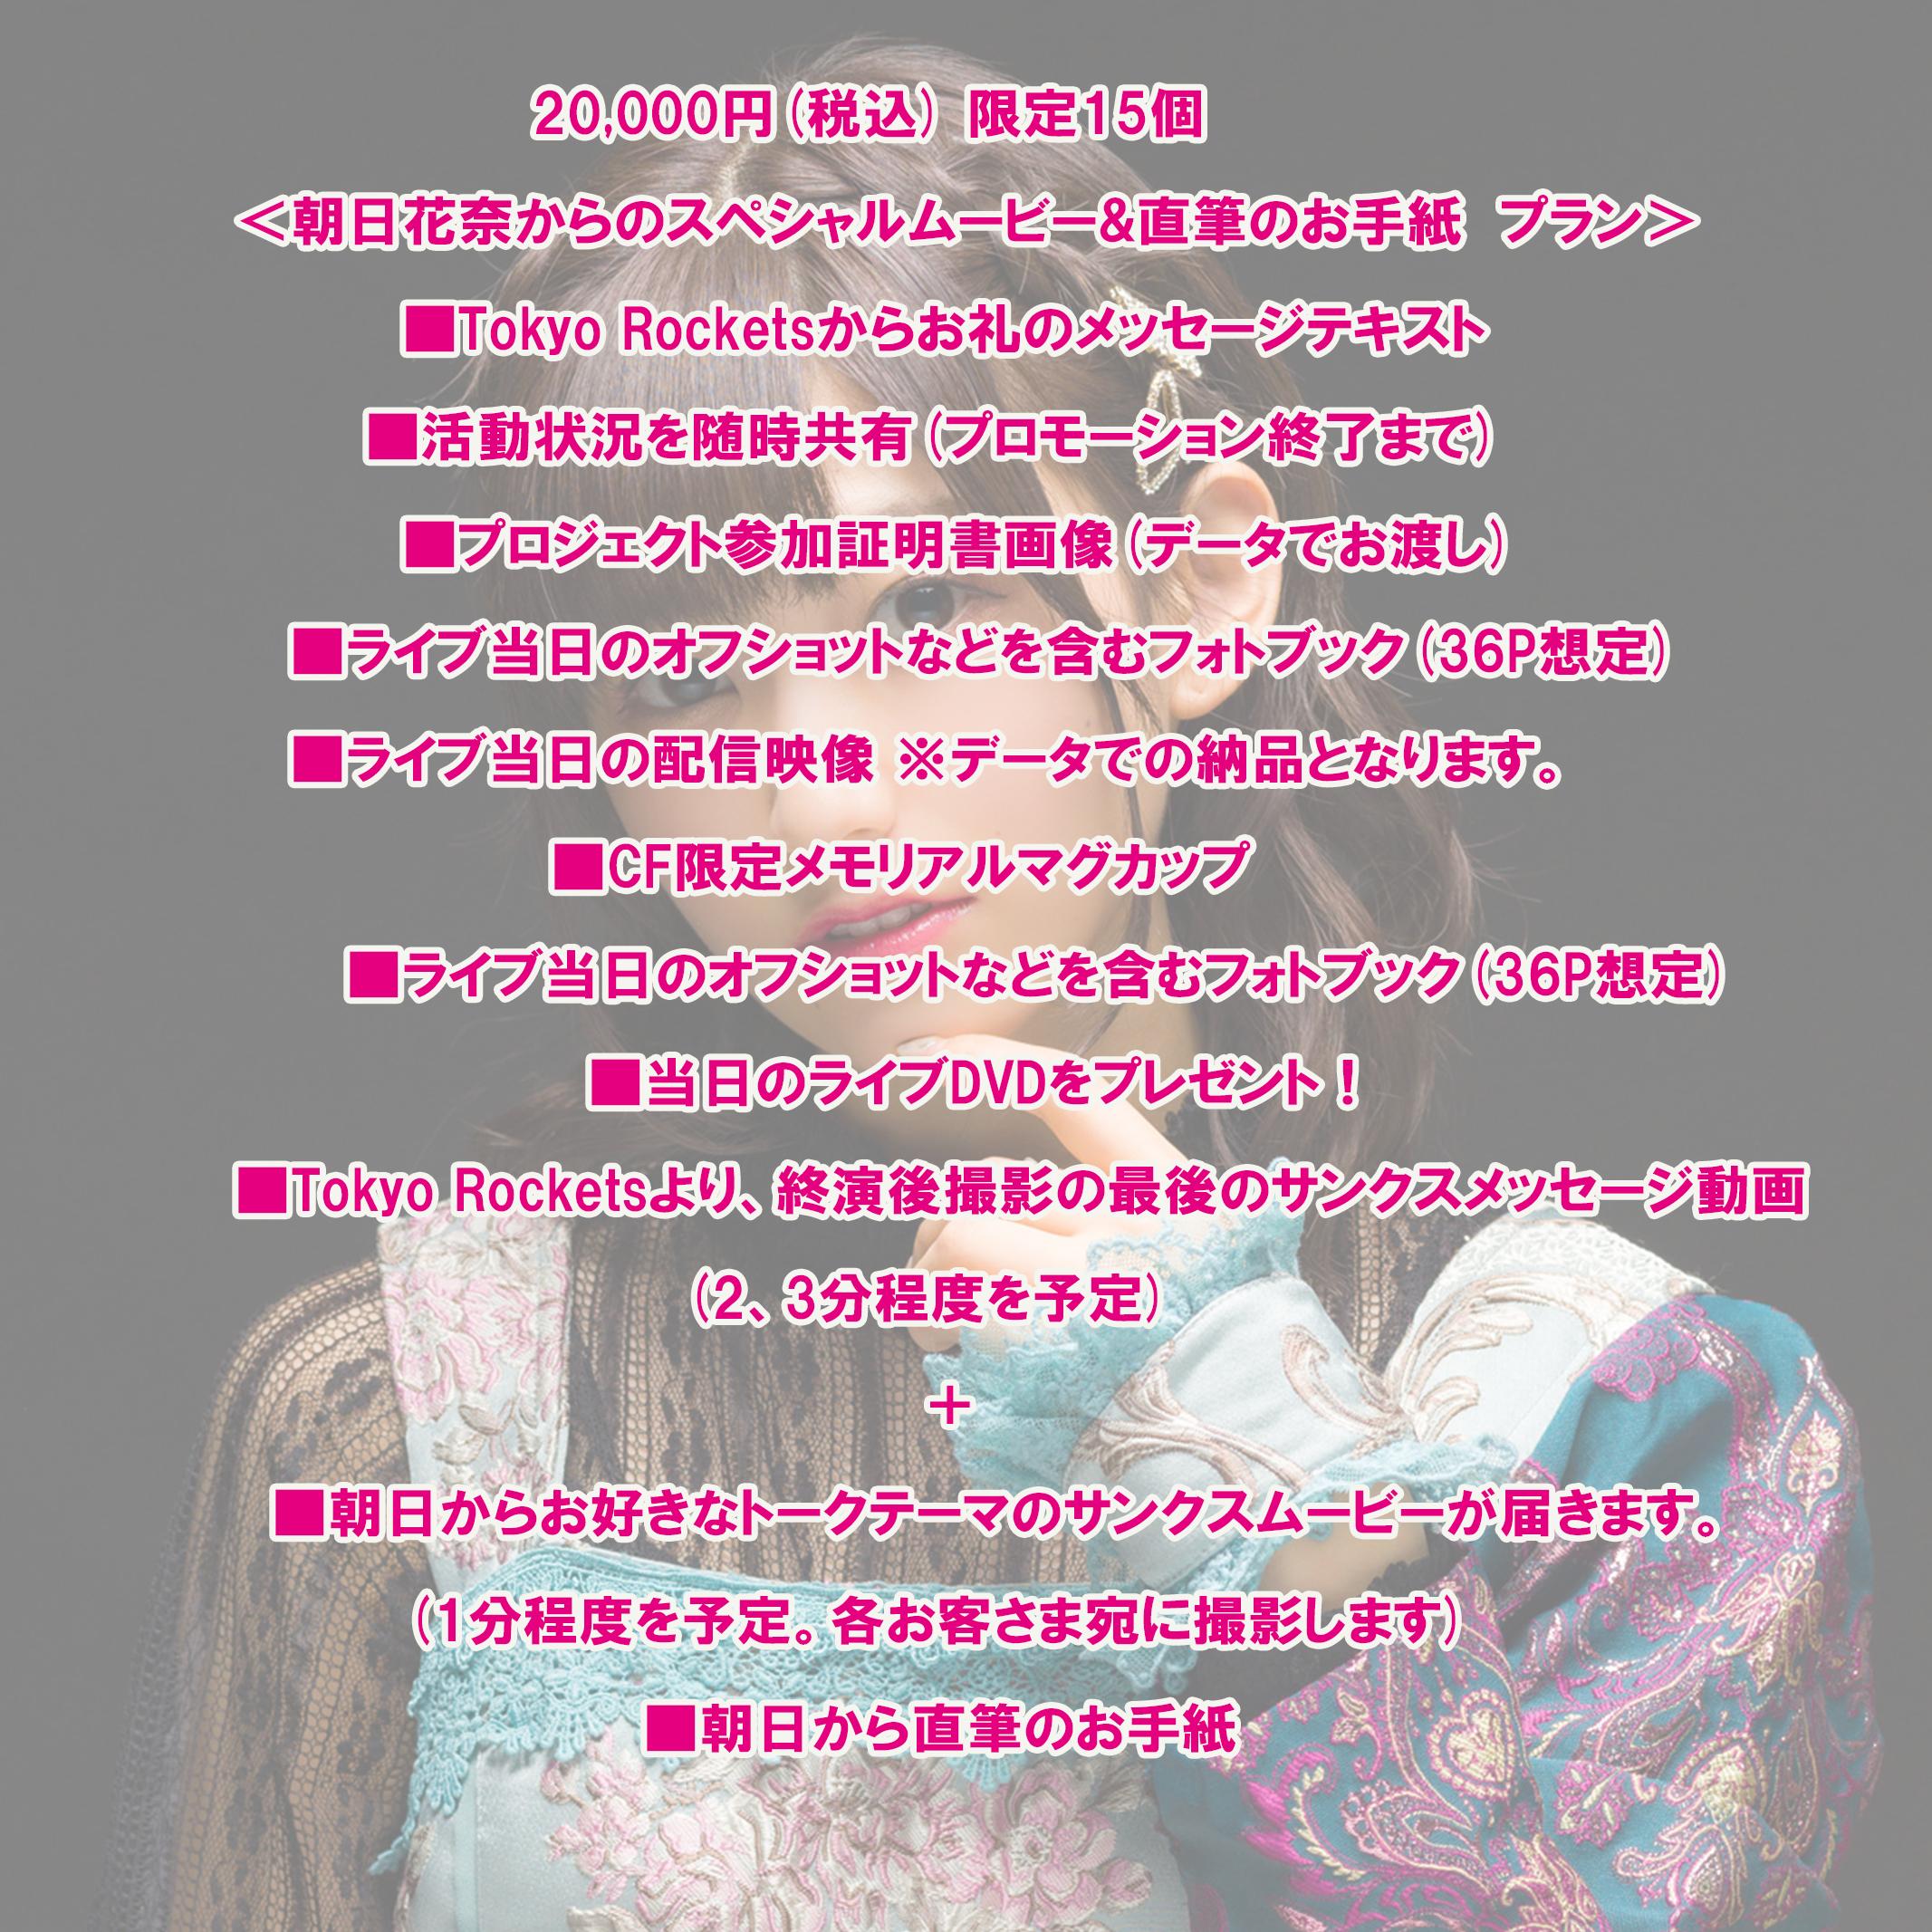 <朝日花奈からのスペシャルムービー&直筆のお手紙 プラン>限定15個